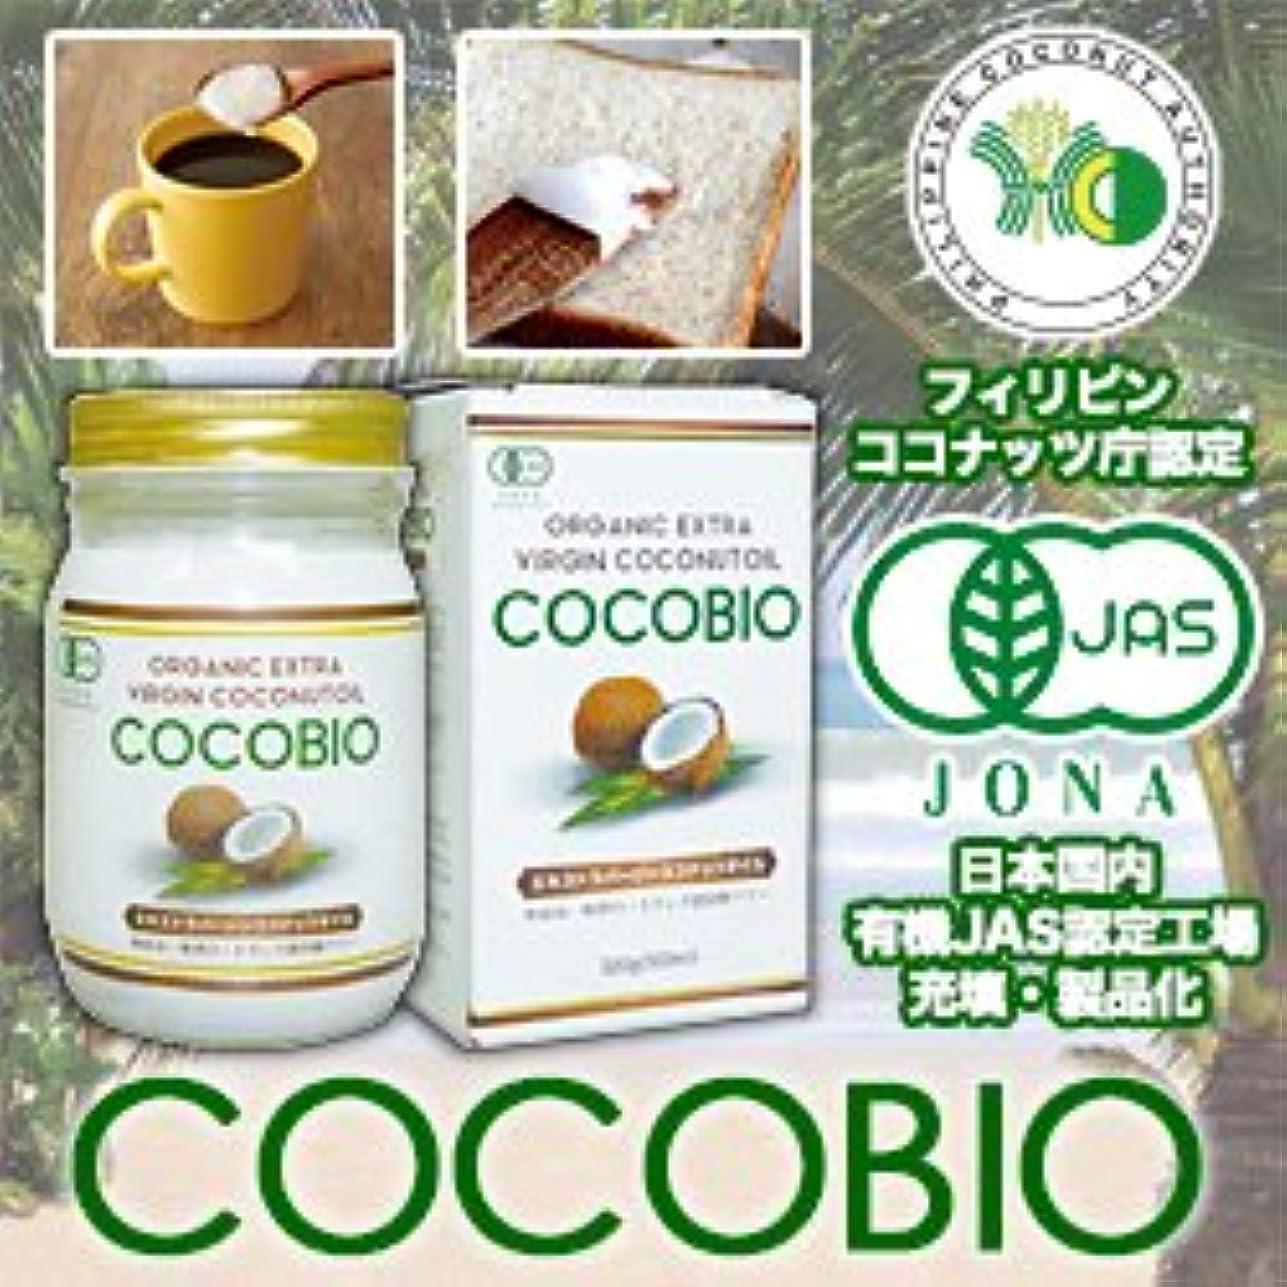 プロフェッショナル合理化つかの間【特殊栄養食品研究所】【有機ココナッツオイル】 ココビオ(COCOBIO) 320g [350ml] ×20個セット